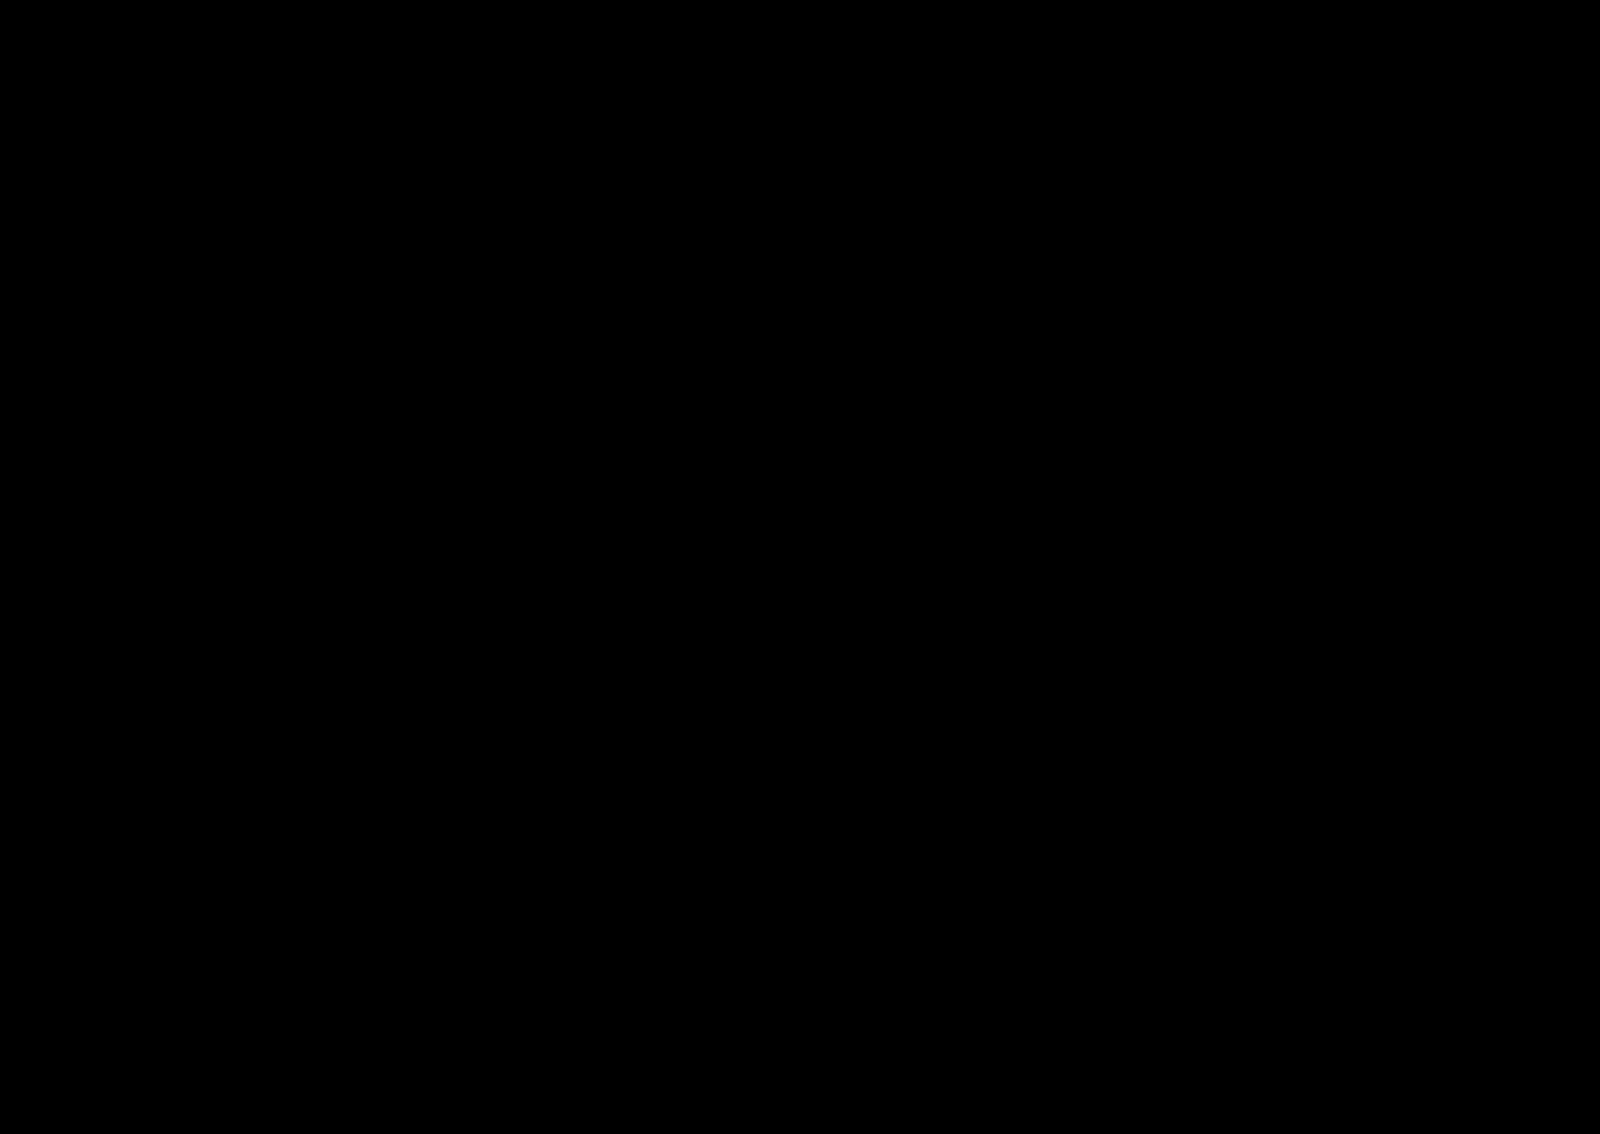 Nami Lineart : Nami lineart by edumander on deviantart